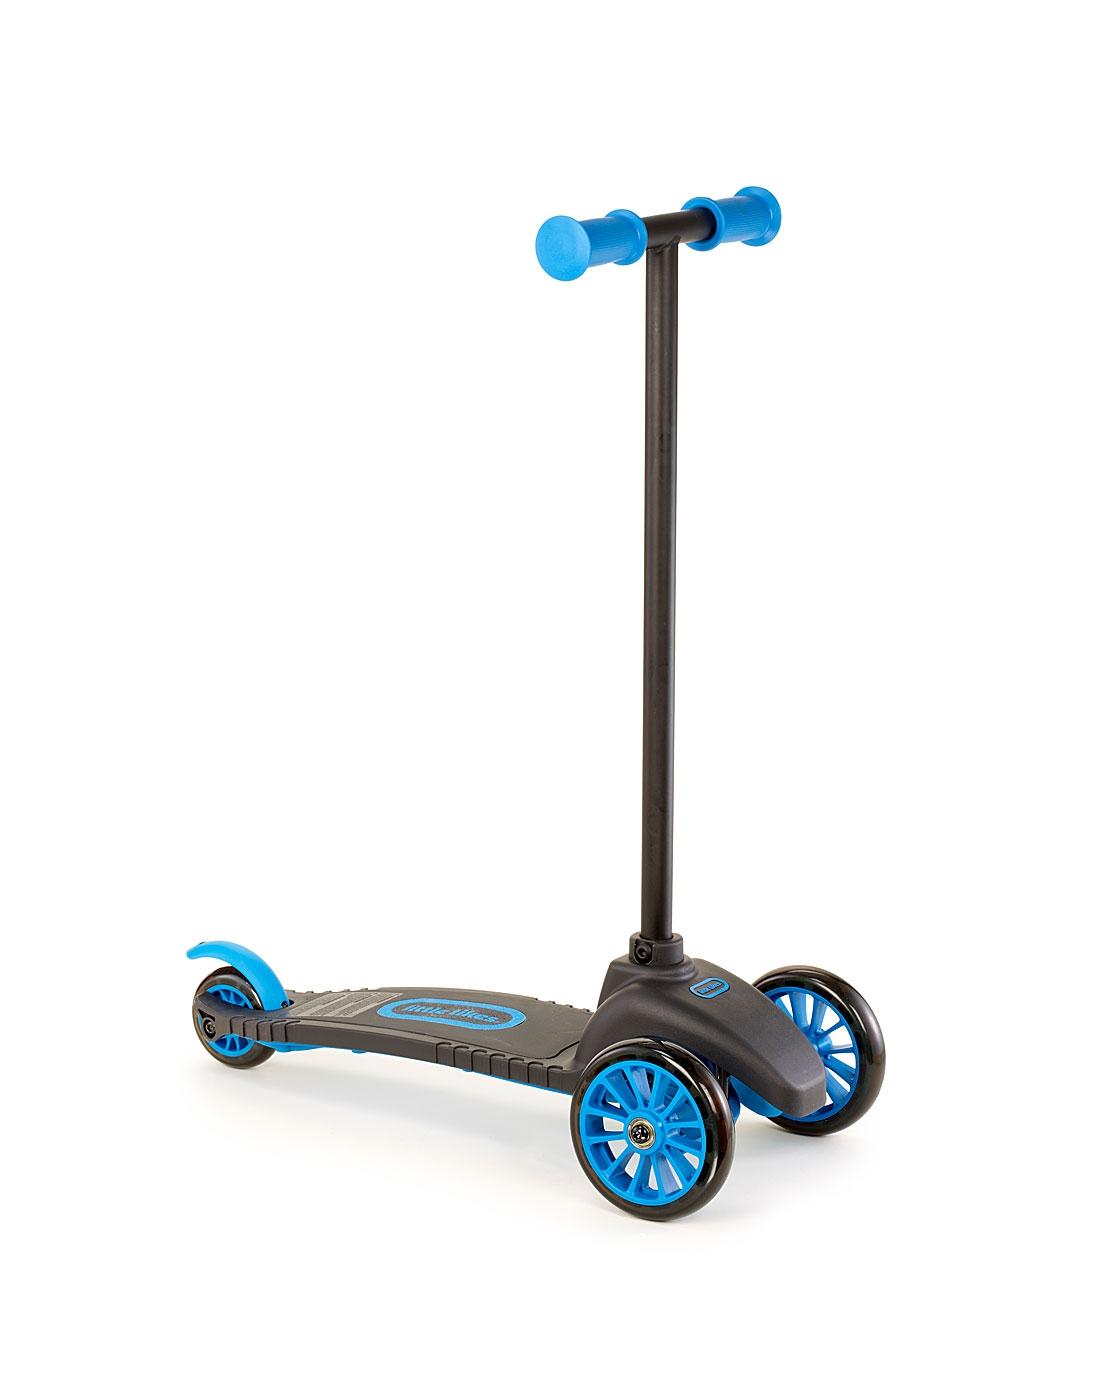 tikes玩具专场小泰克儿童三轮滑板车(蓝色)c